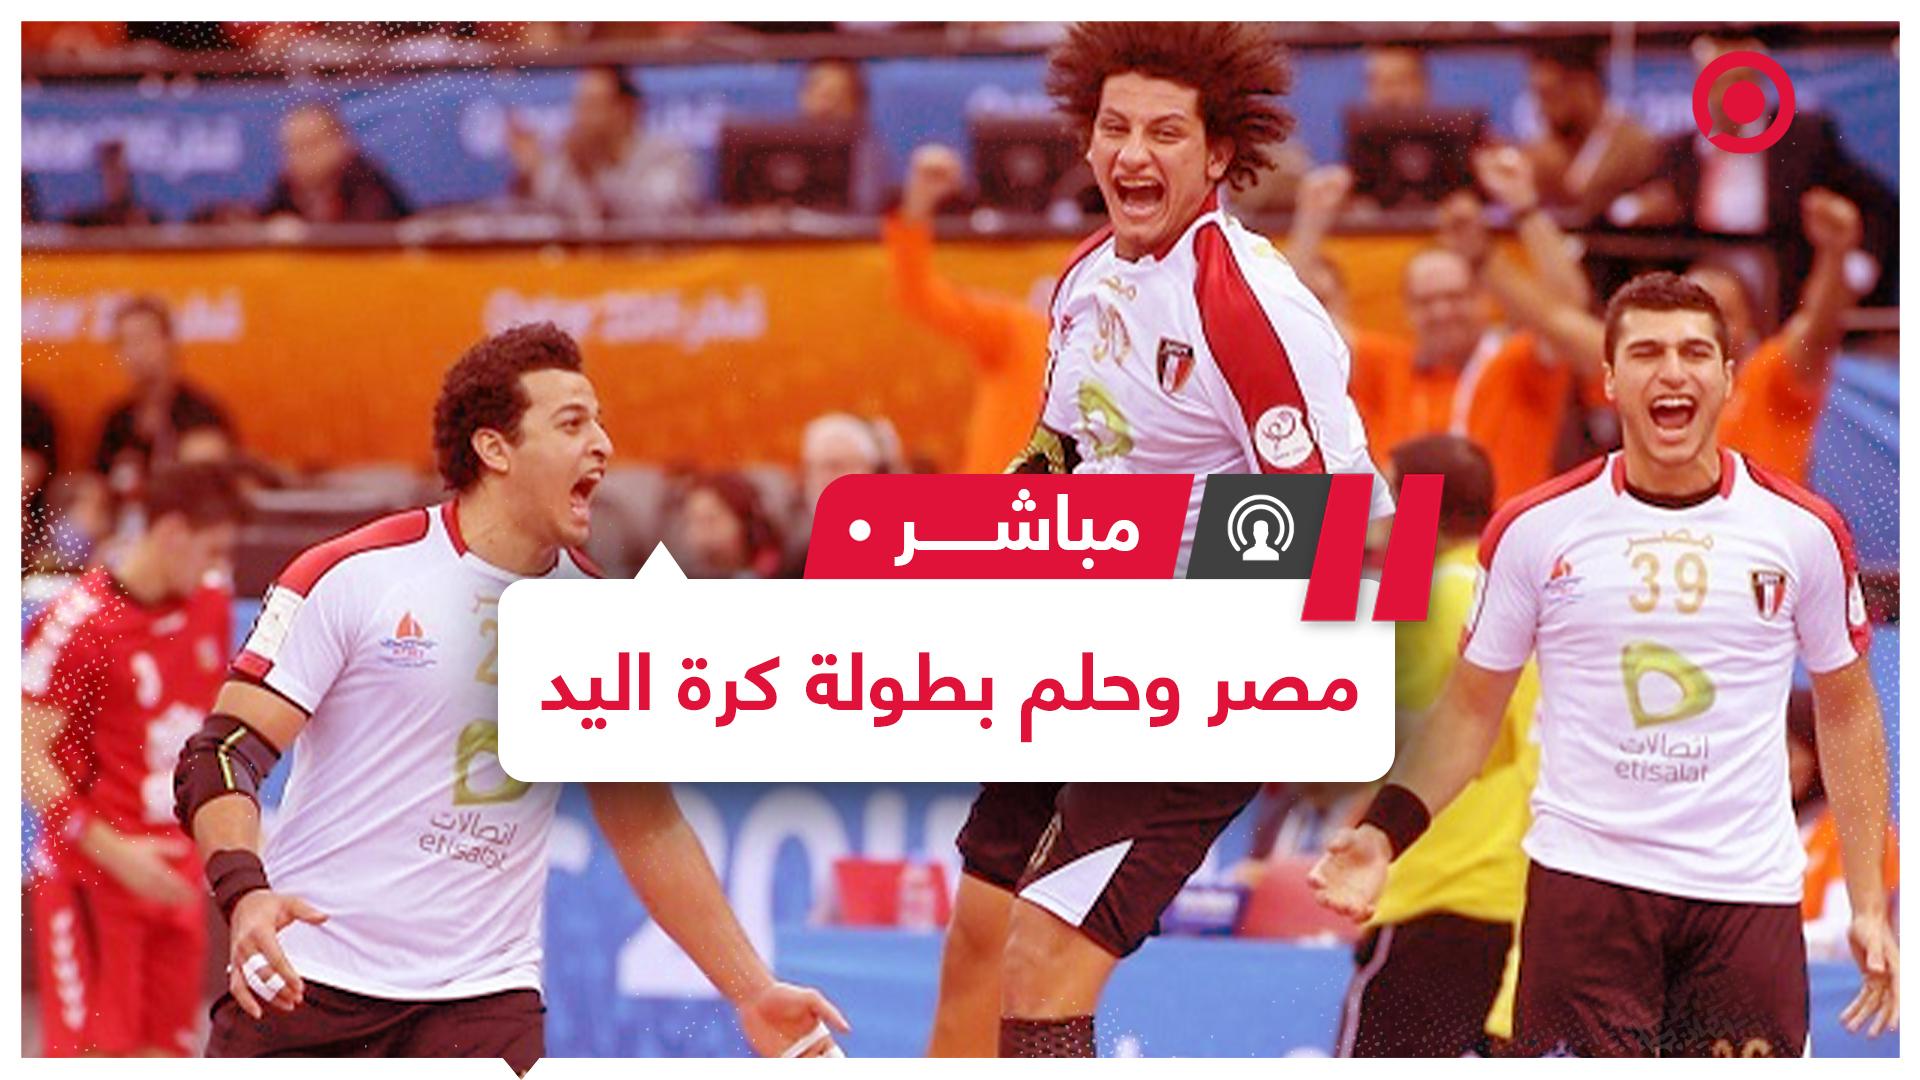 #مصر #كرة_اليد